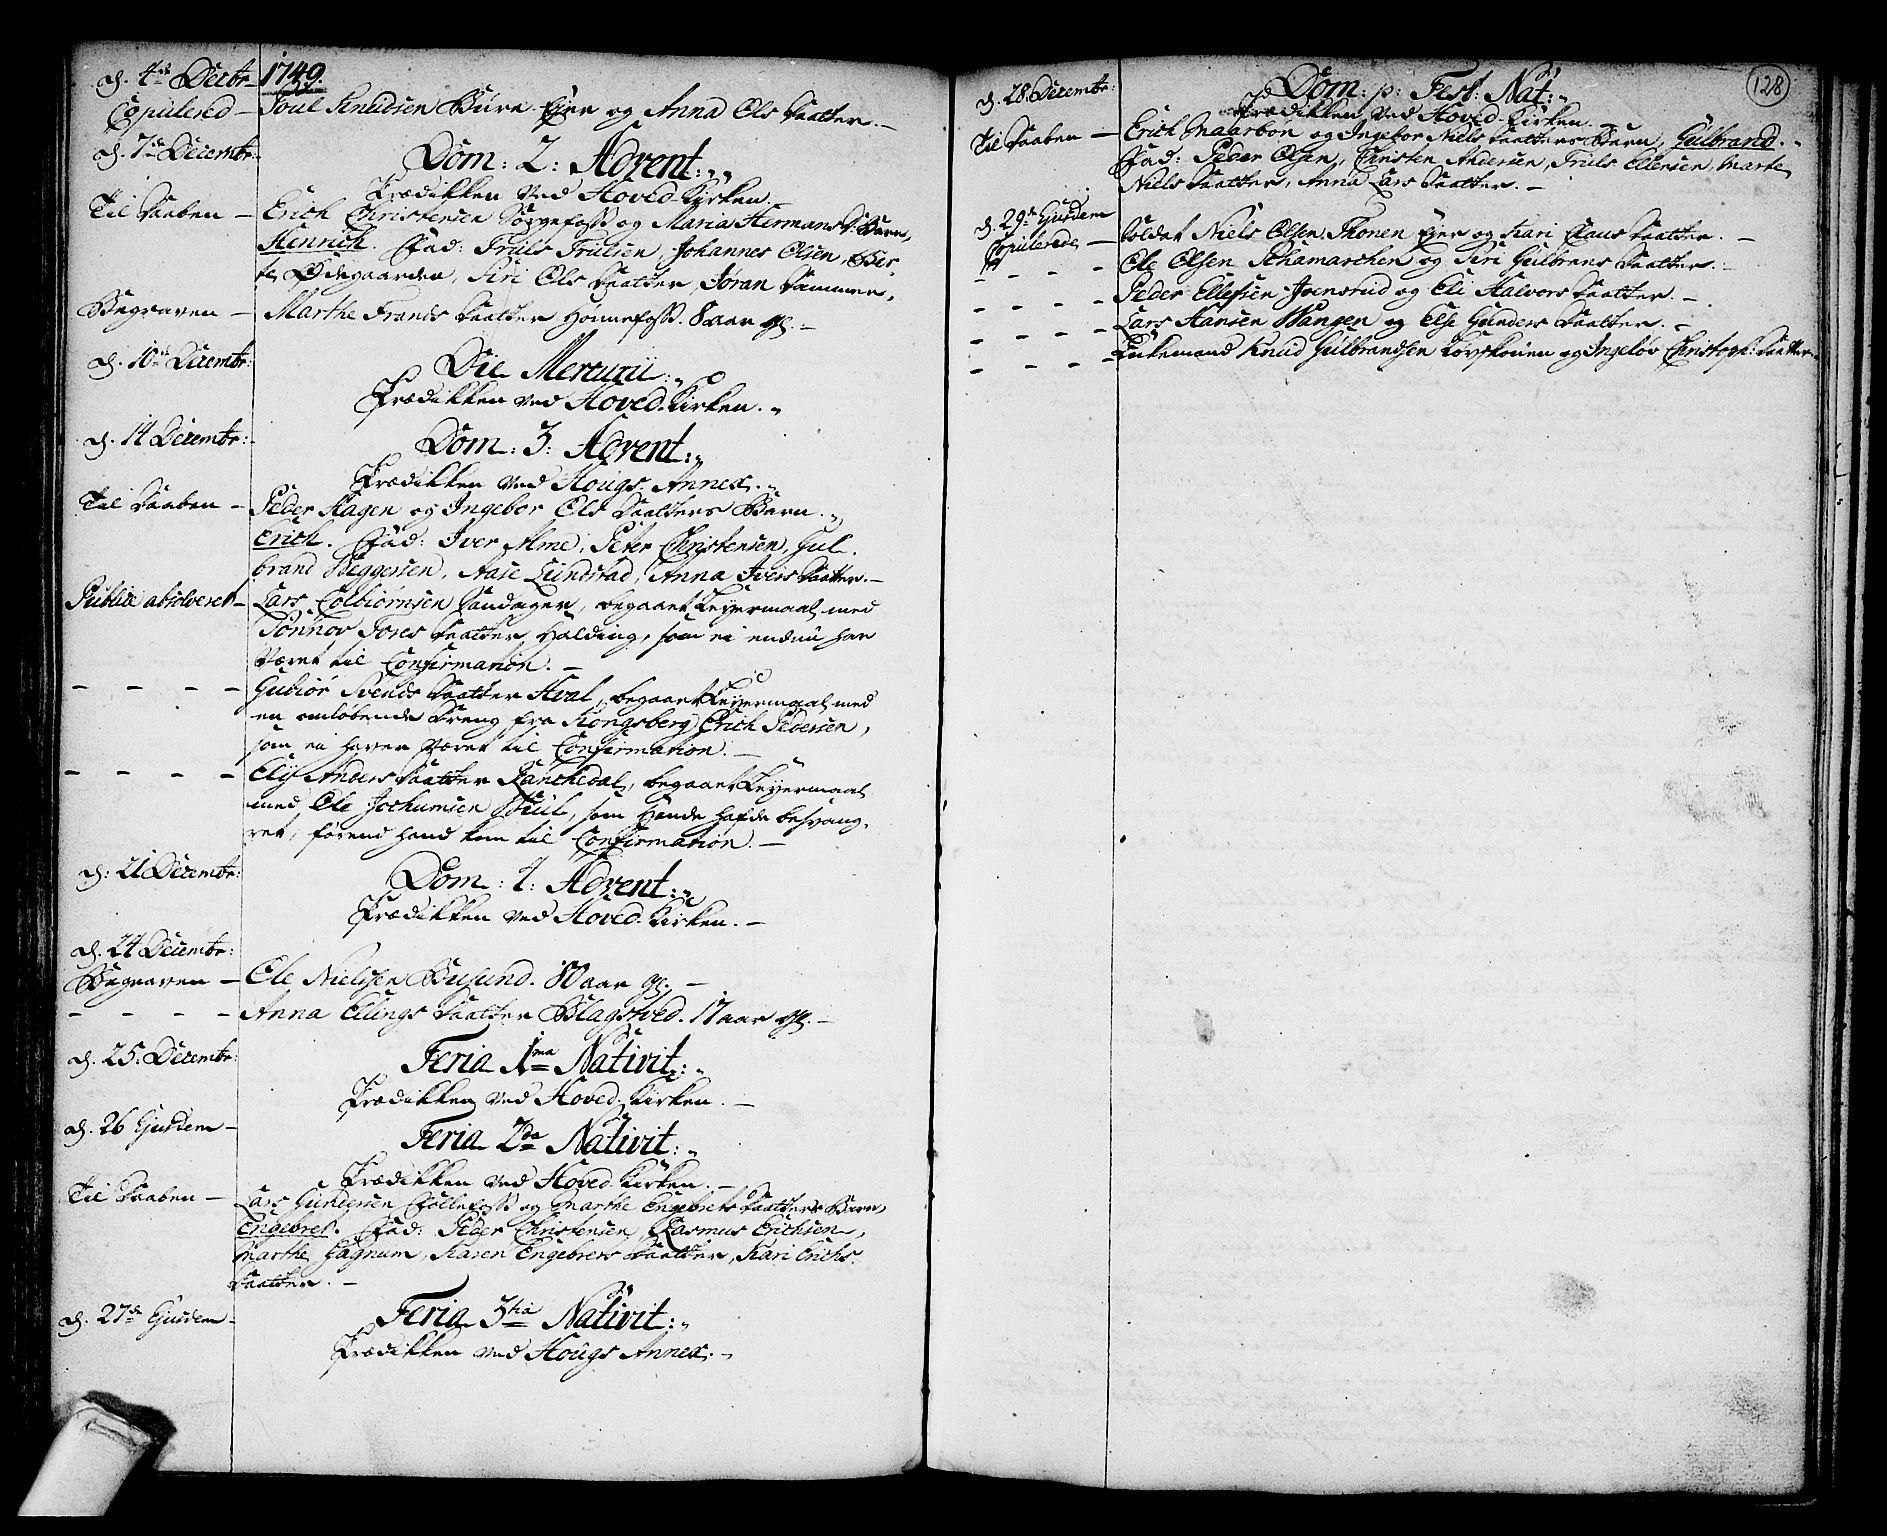 SAKO, Norderhov kirkebøker, F/Fa/L0003a: Ministerialbok nr. 3, 1740-1757, s. 128